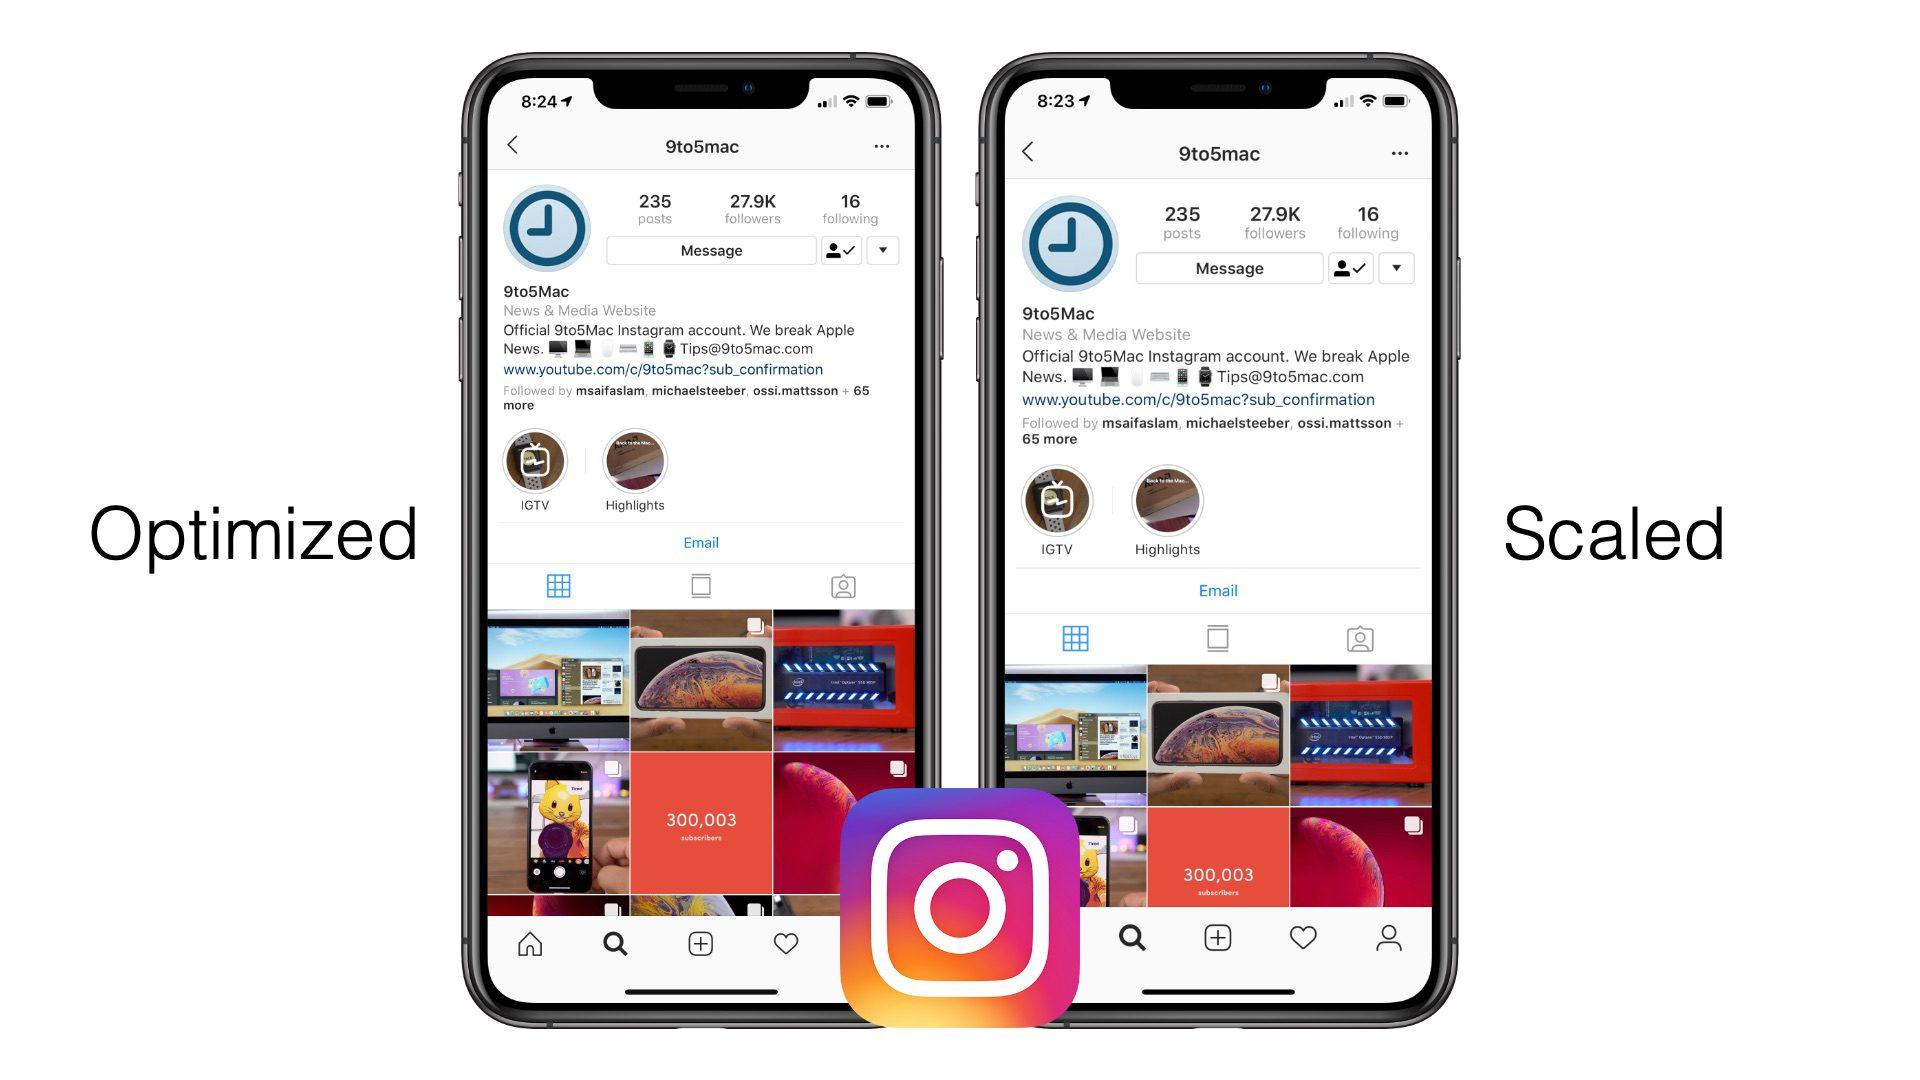 Comparação entre versões otimizada e ampliada do Instagram no iPhone XS Max